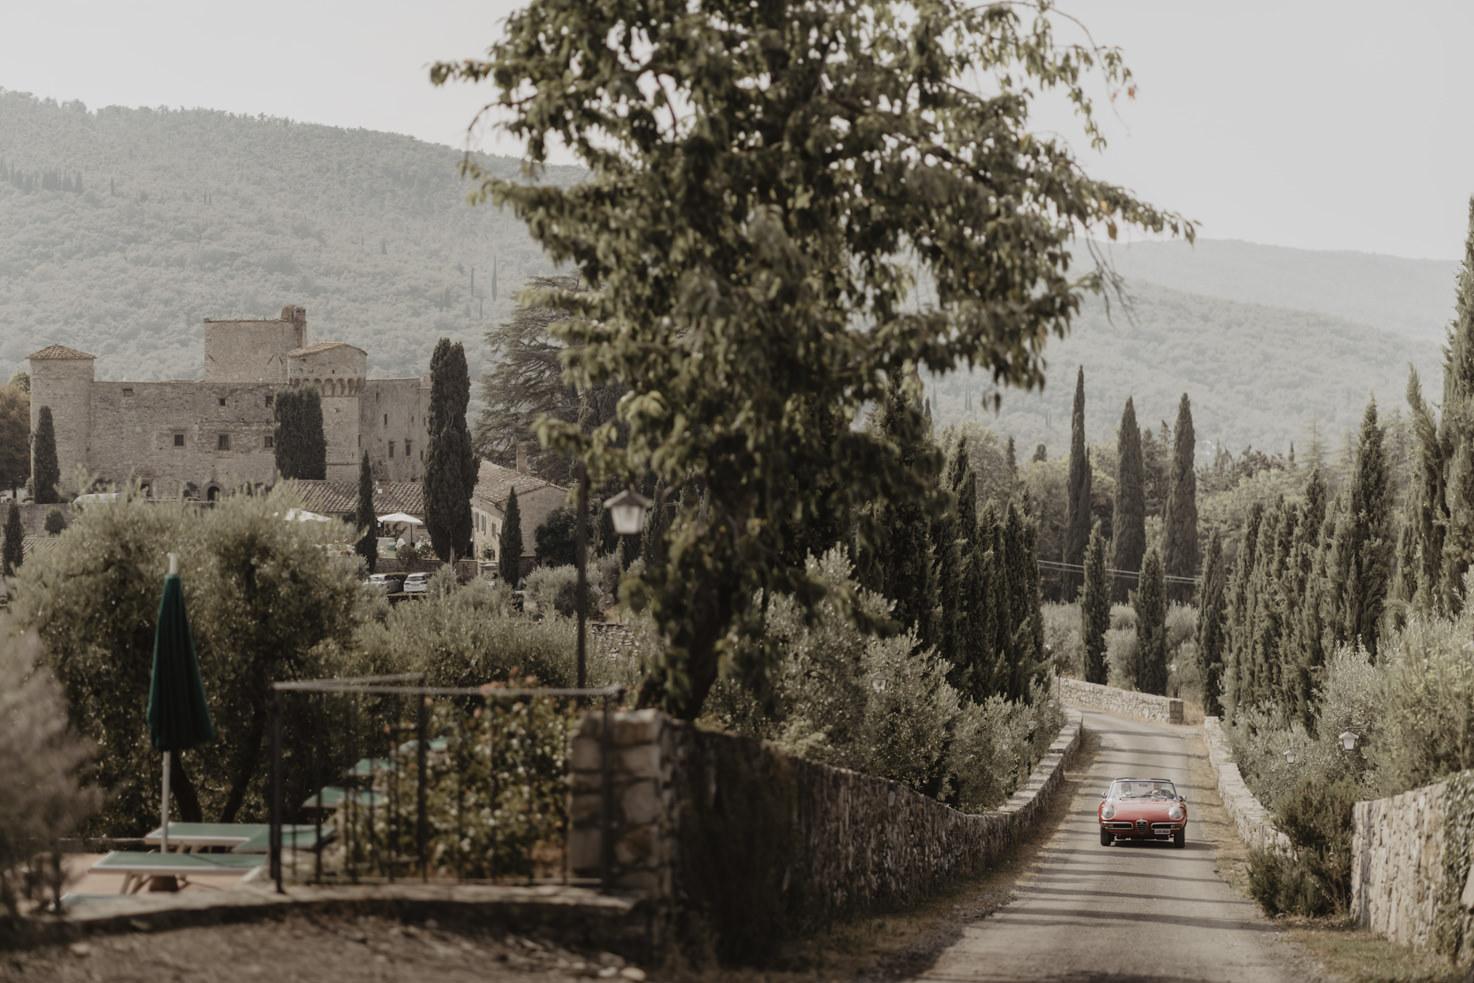 Arrival at Castello di Meleto